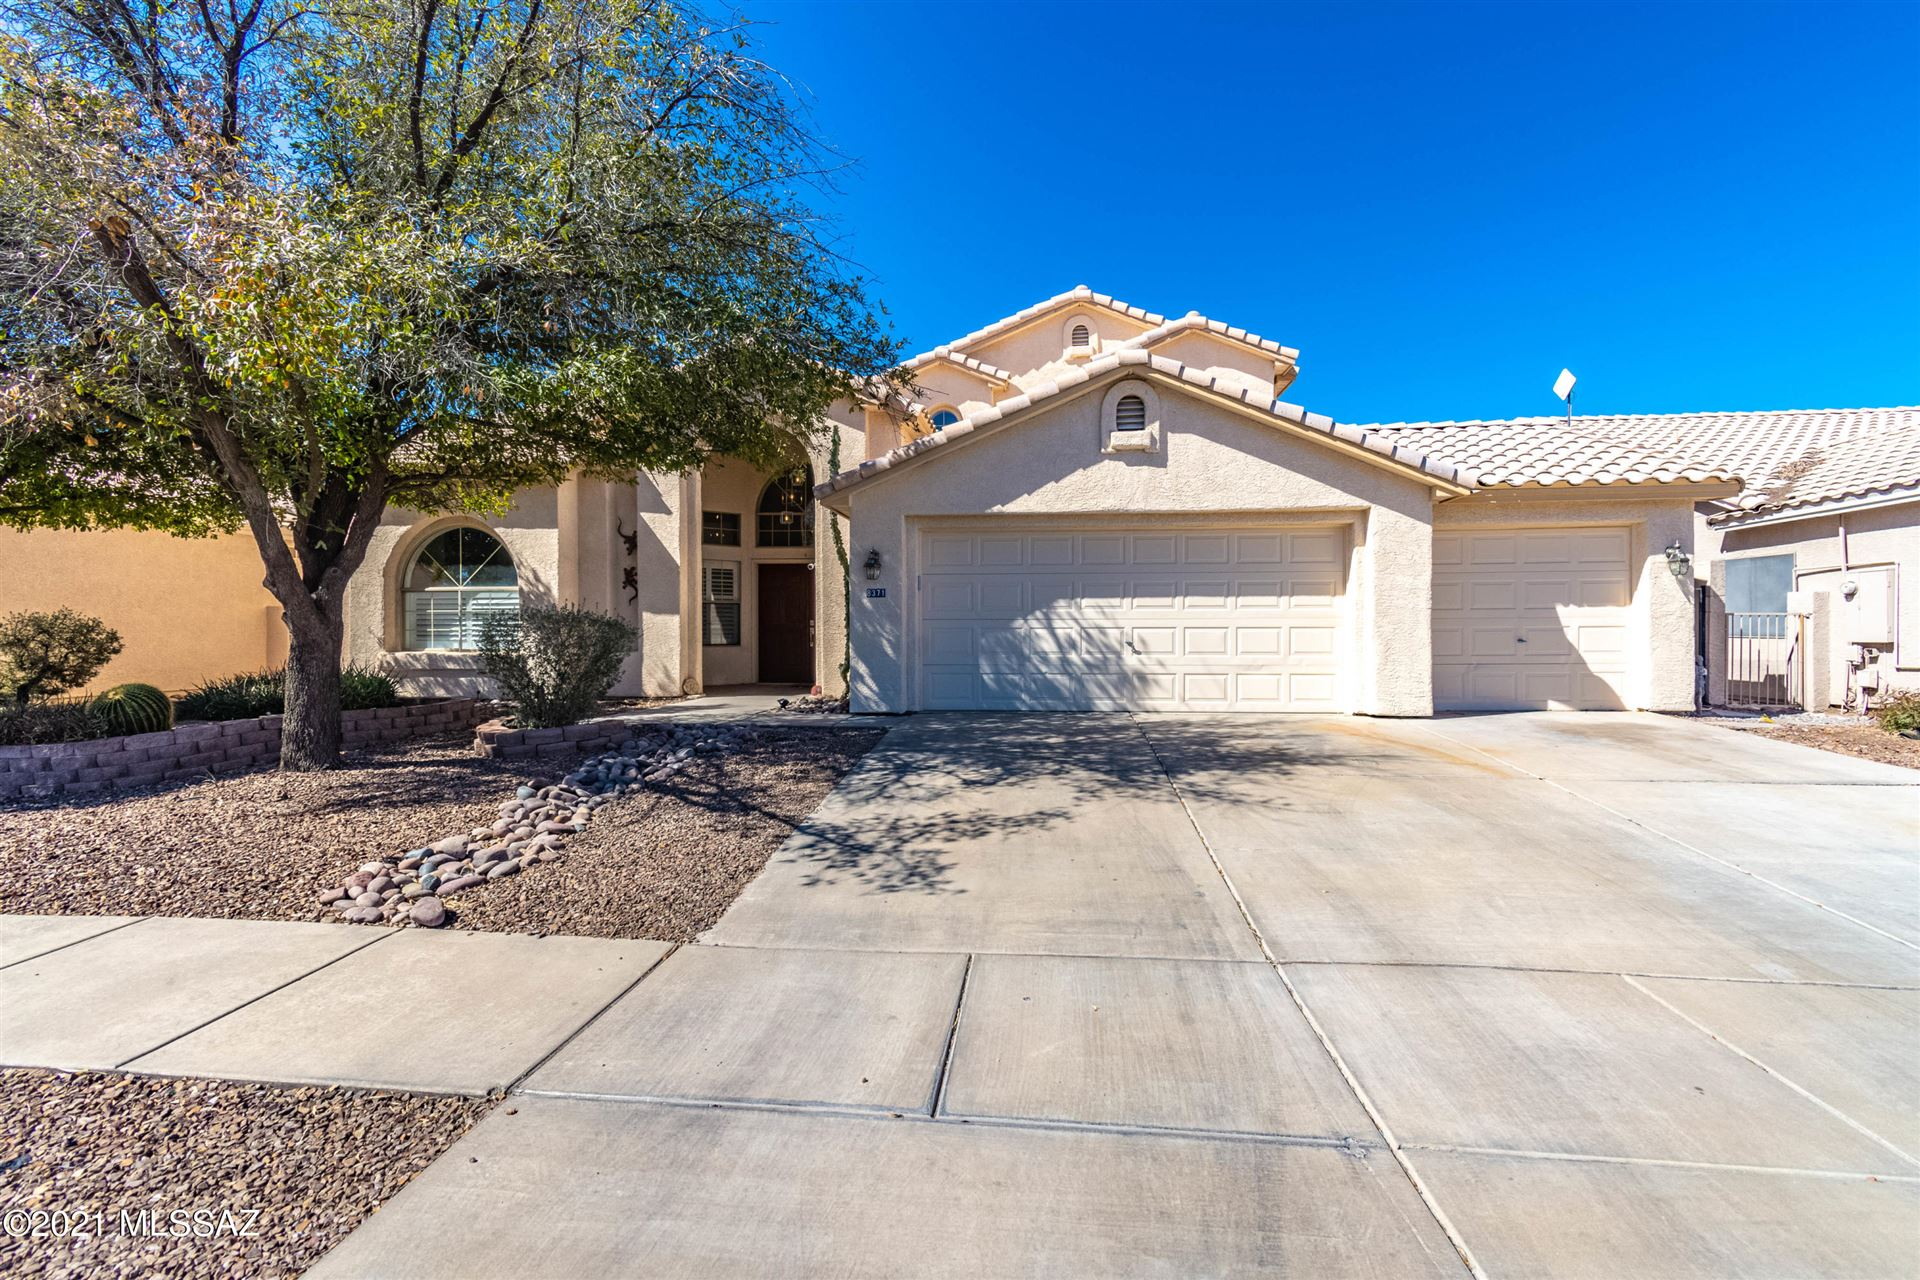 8371 N Mammoth Drive, Tucson, AZ 85743 - #: 22104740